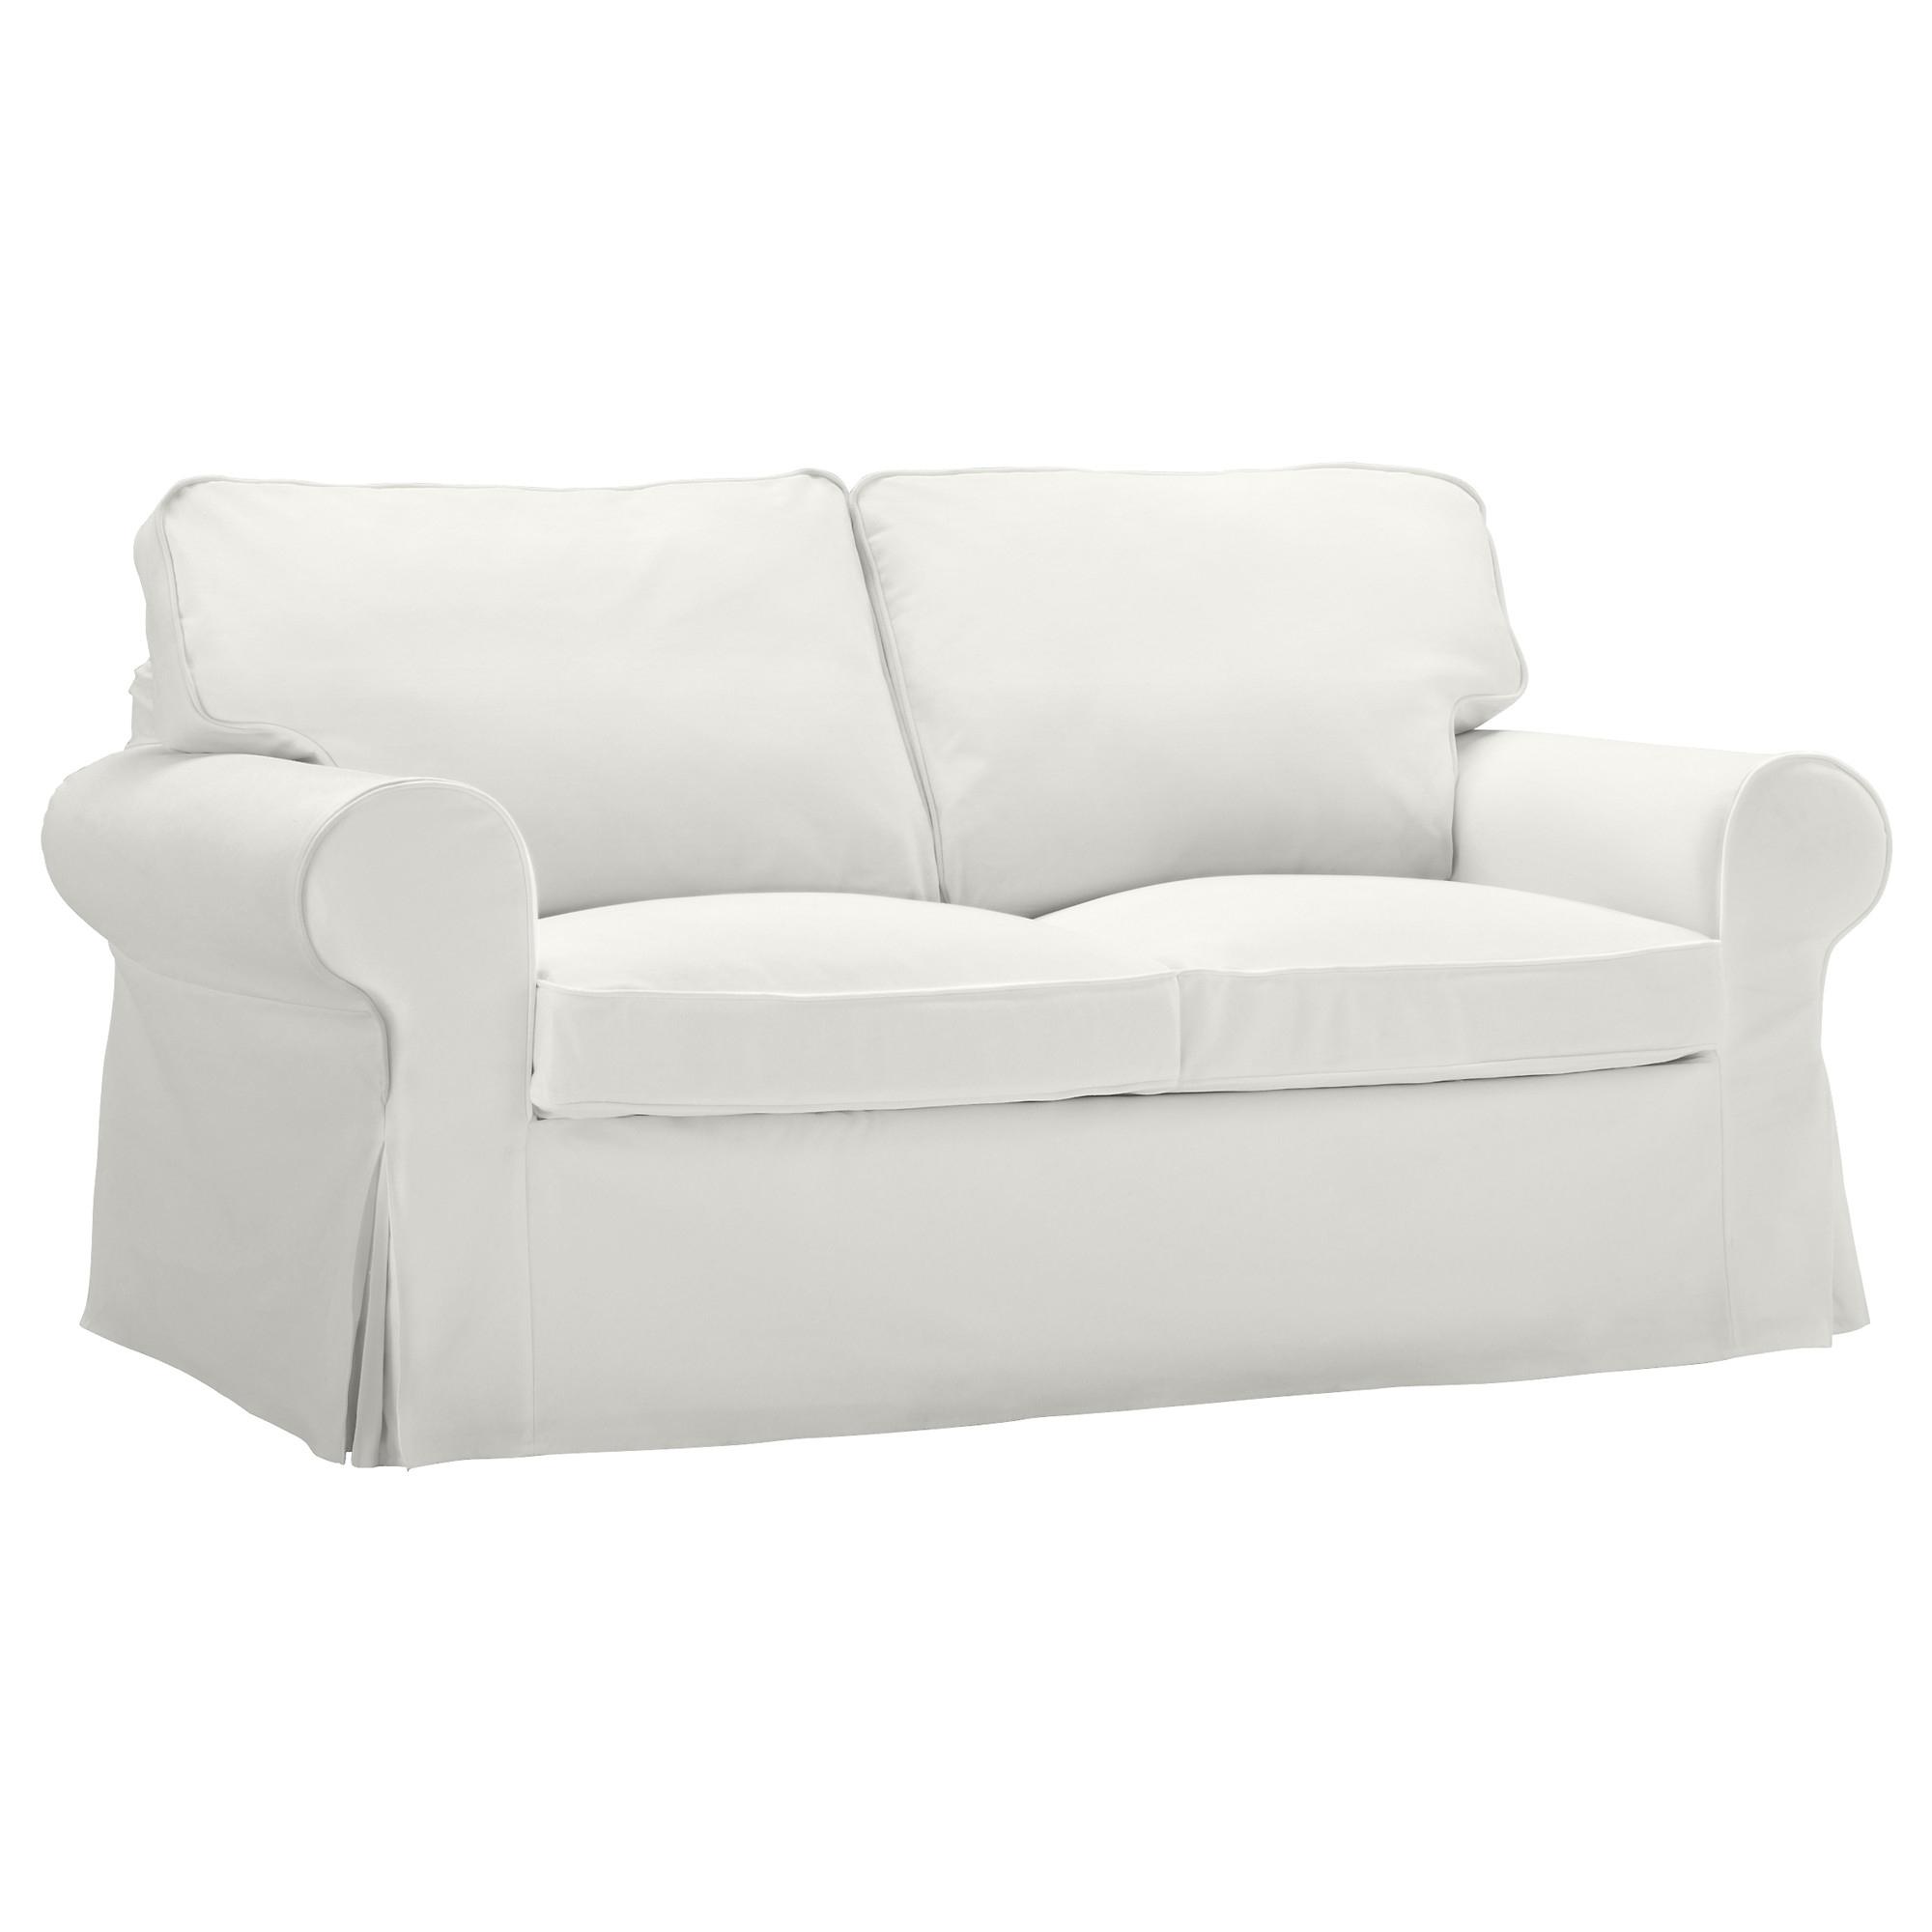 Trendy Ektorp Two Seat Sofa Blekinge White – Ikea With Ikea Small Sofas (Gallery 14 of 15)